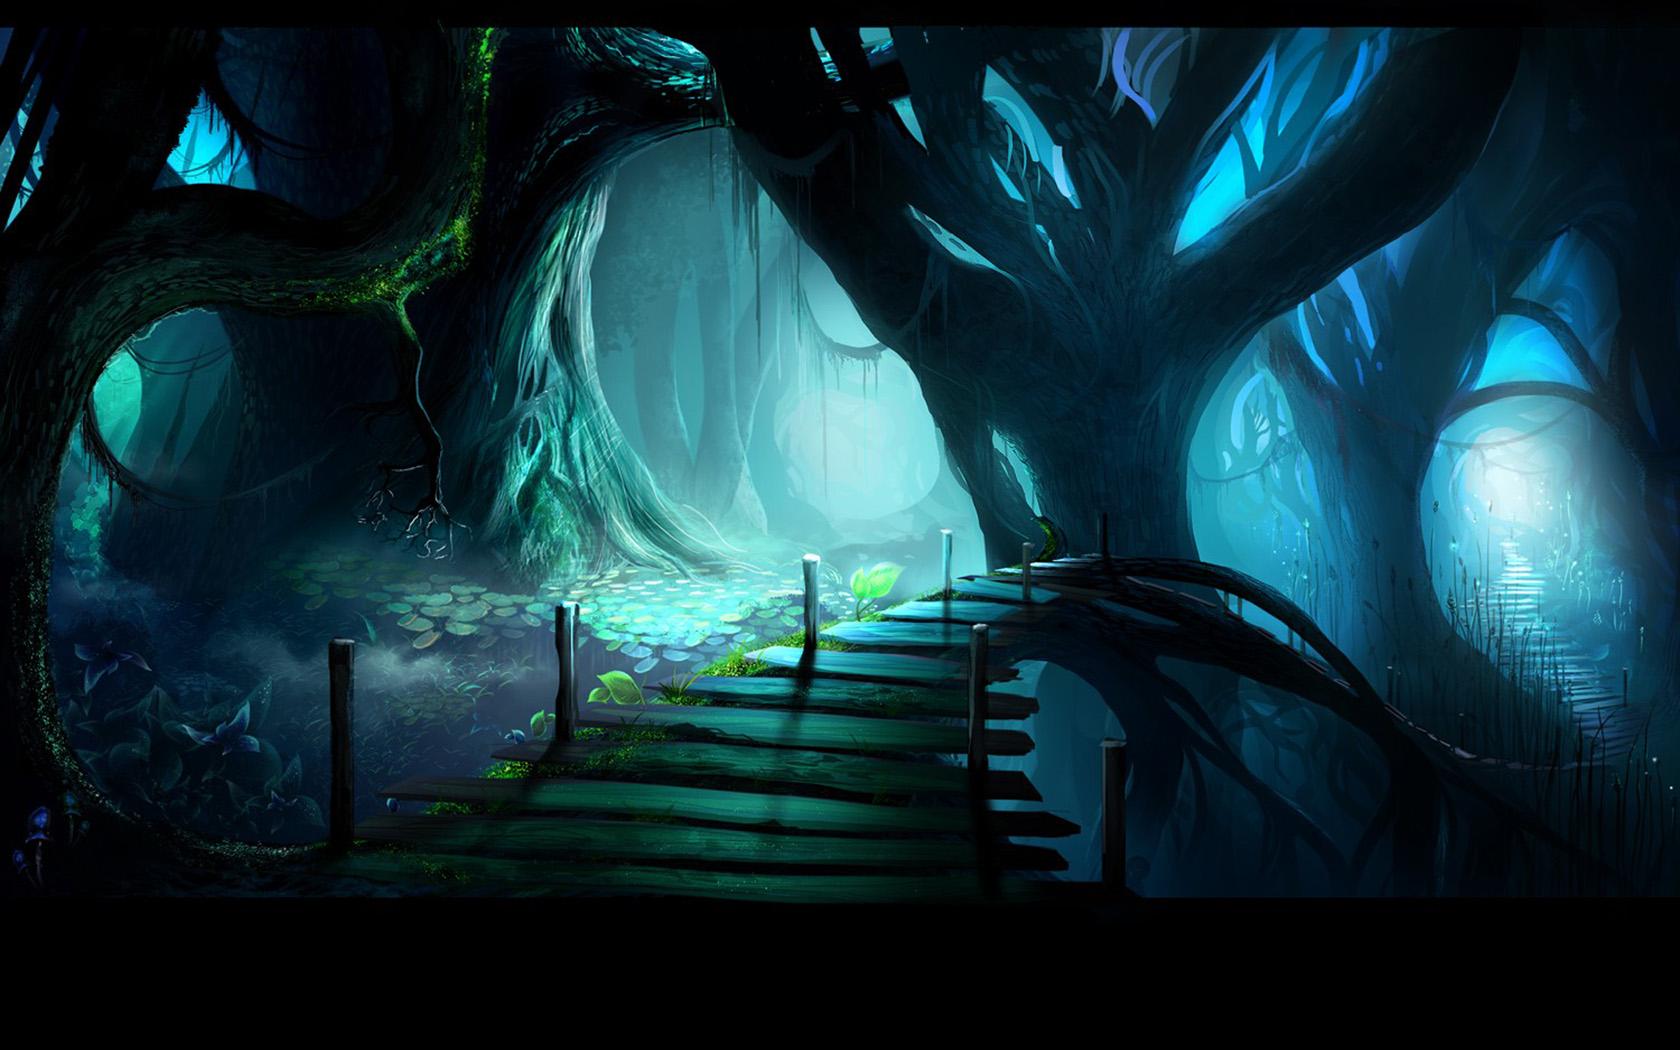 夜幕之神秘森林ppt背景图片下载图片